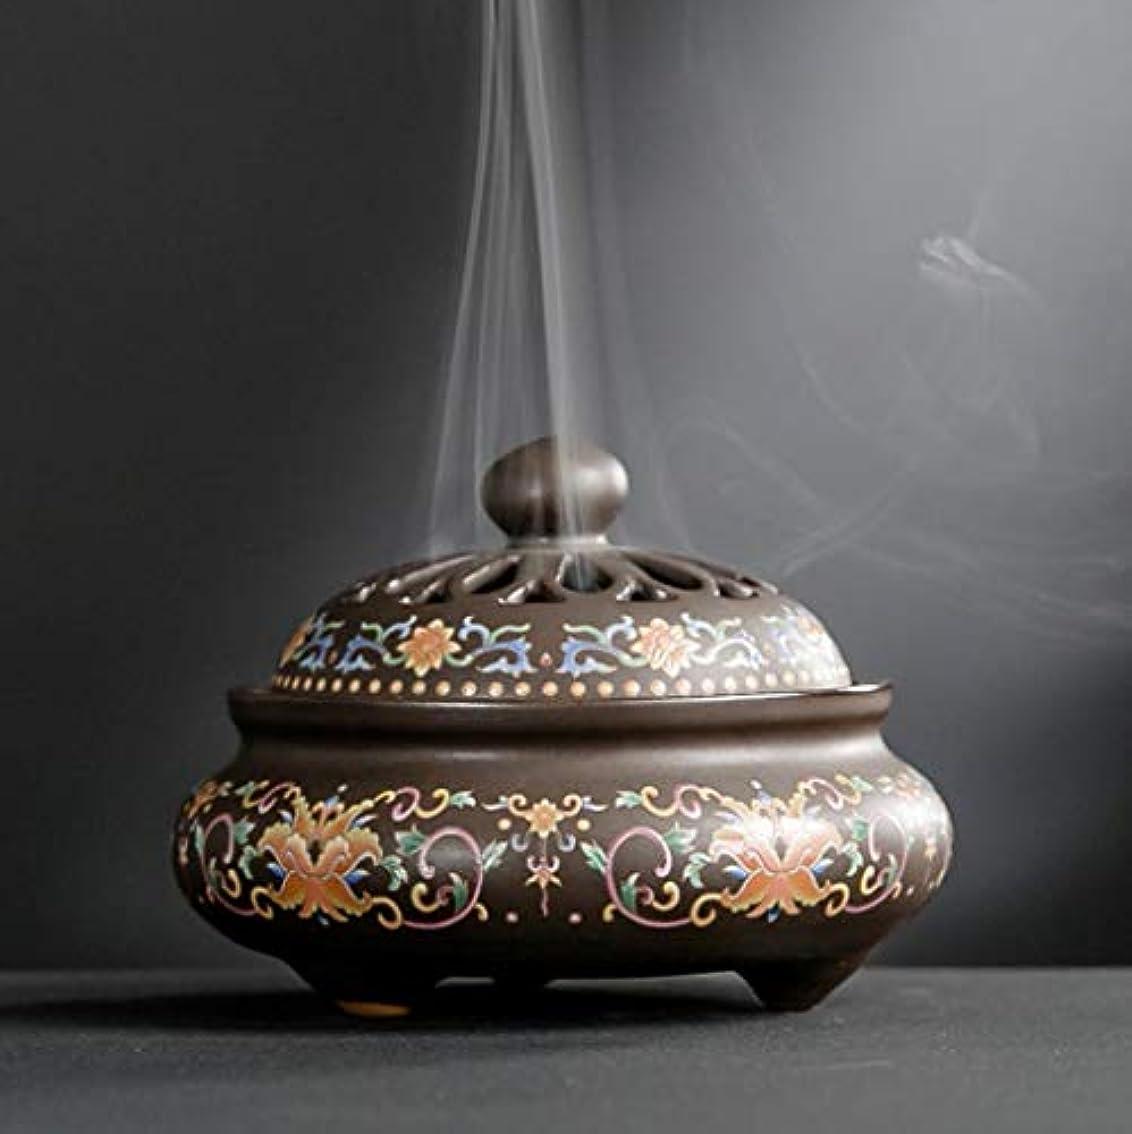 保存する酸化するコピーYONIK 香炉 渦巻き線香ホルダー 蚊取り線香ホルダー 線香入れ 磁器 香皿 蓋付き 香立て付き 和風